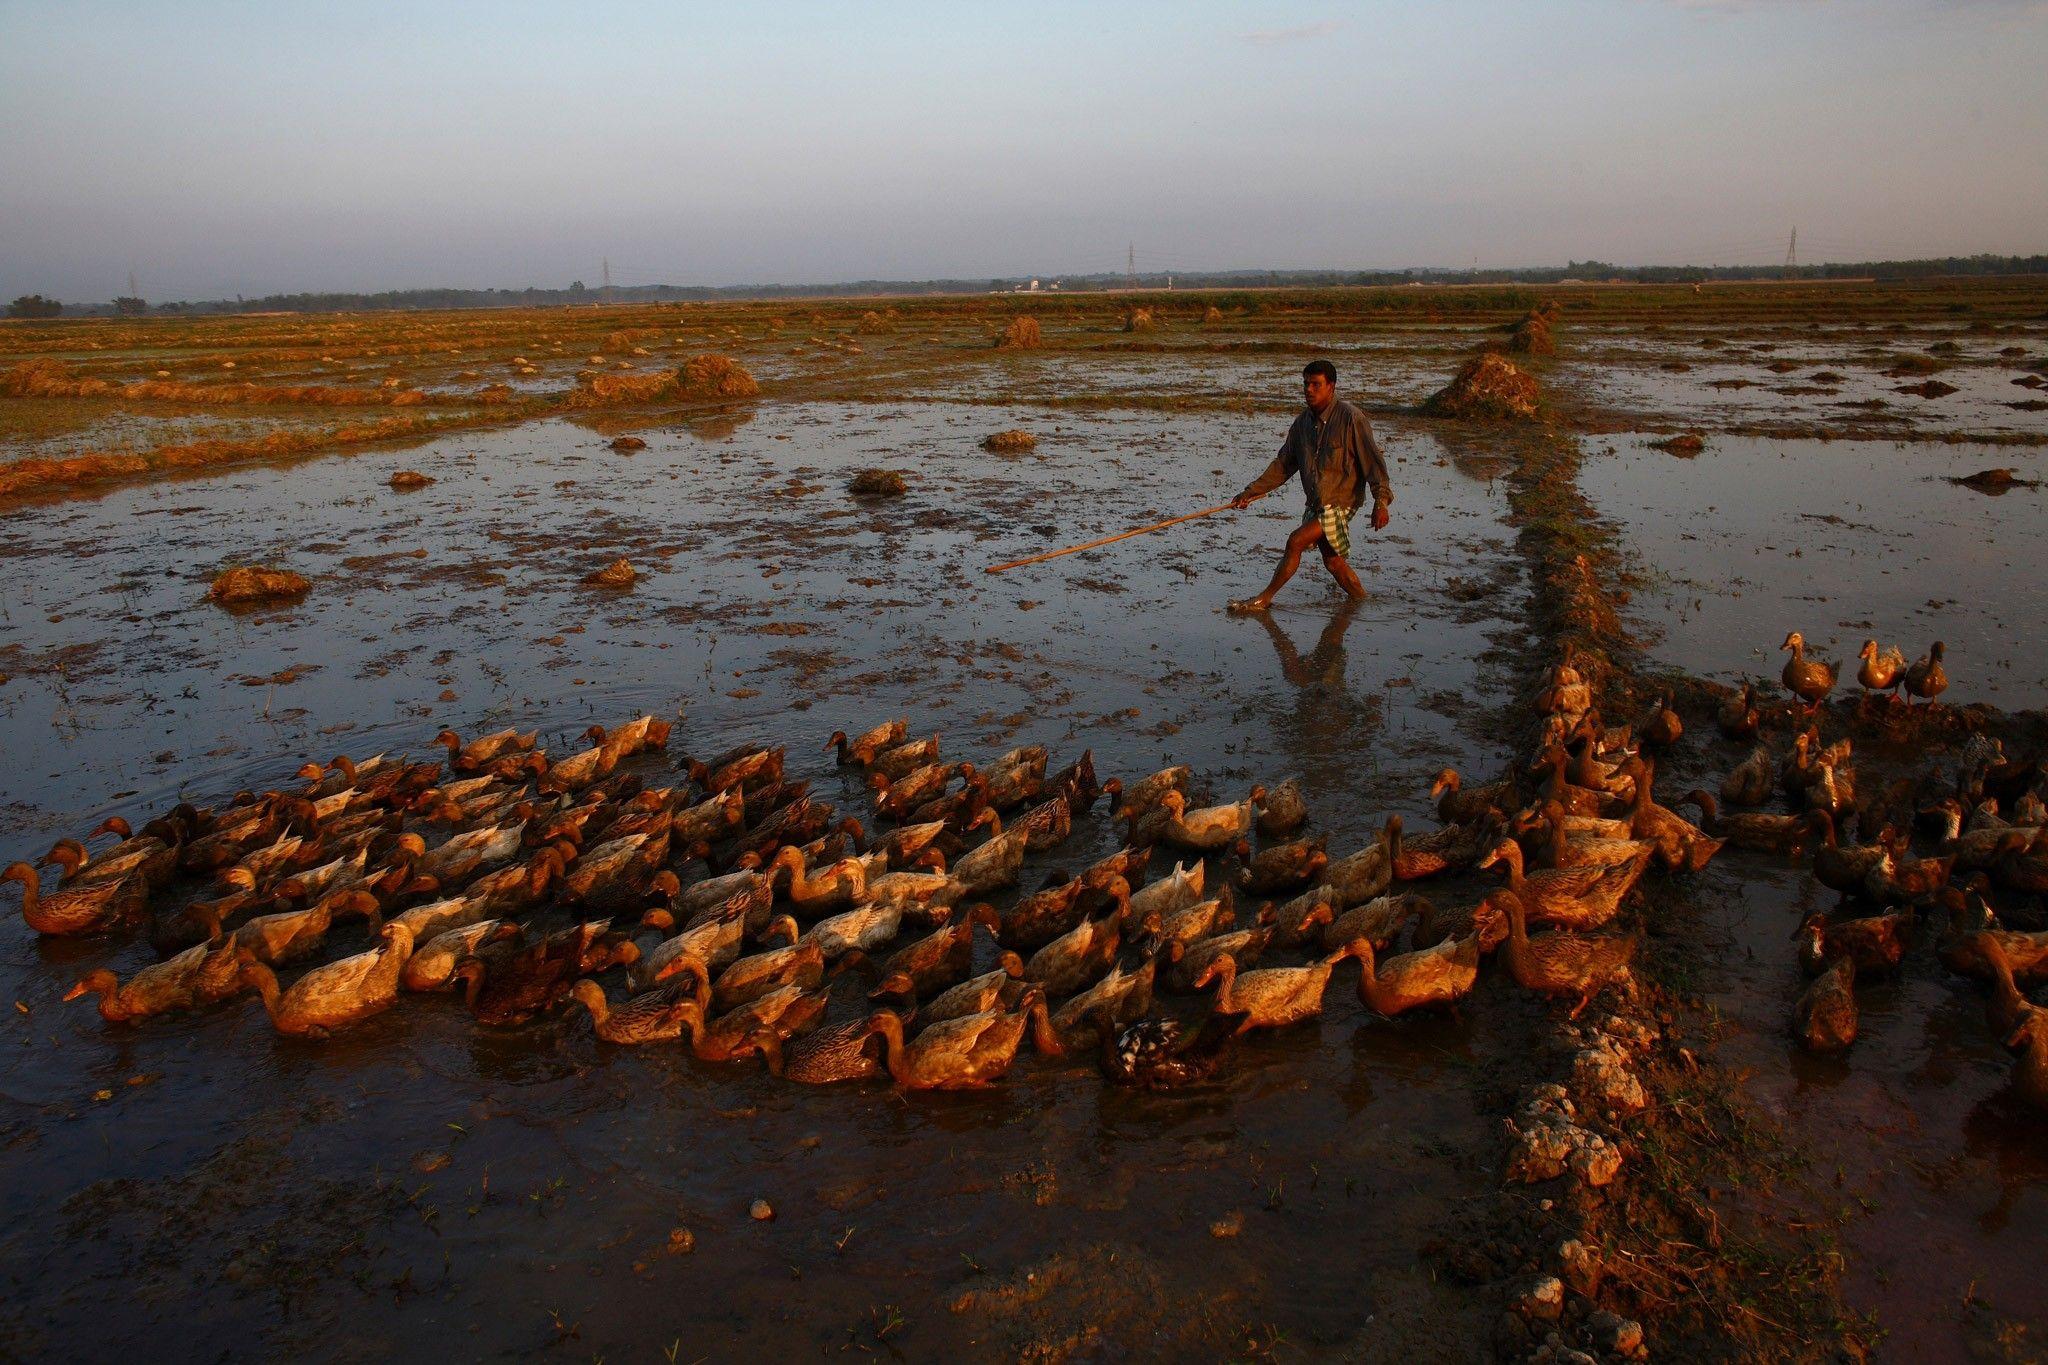 Bill Gates inicia una campaña para ayudar al mundo a adaptarse al cambio climático | National Geographic